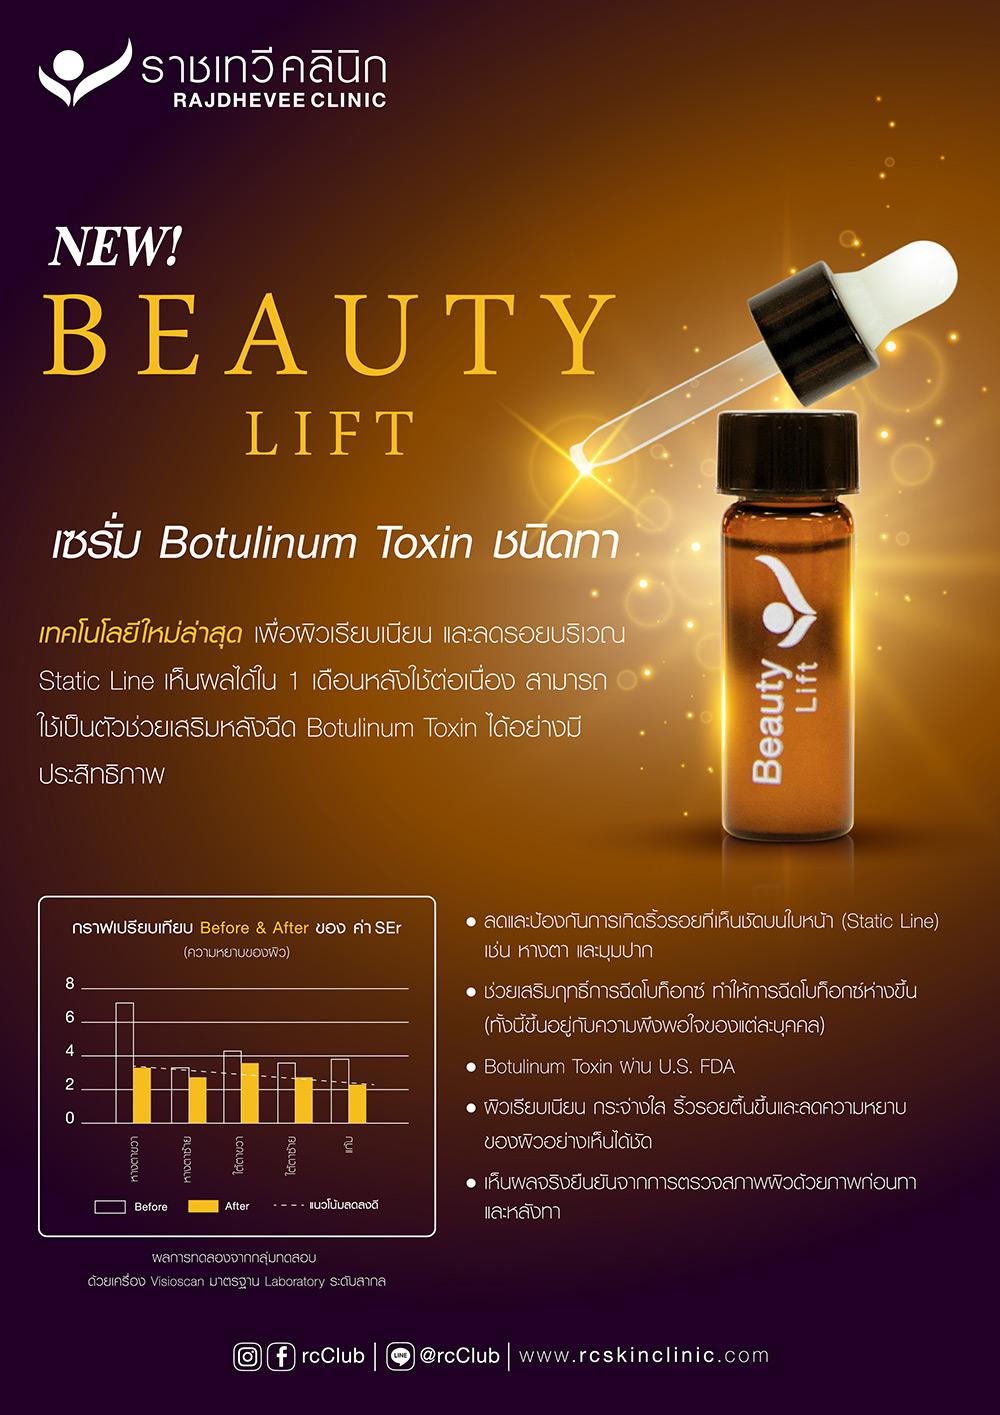 Beauty Lift Botox Product